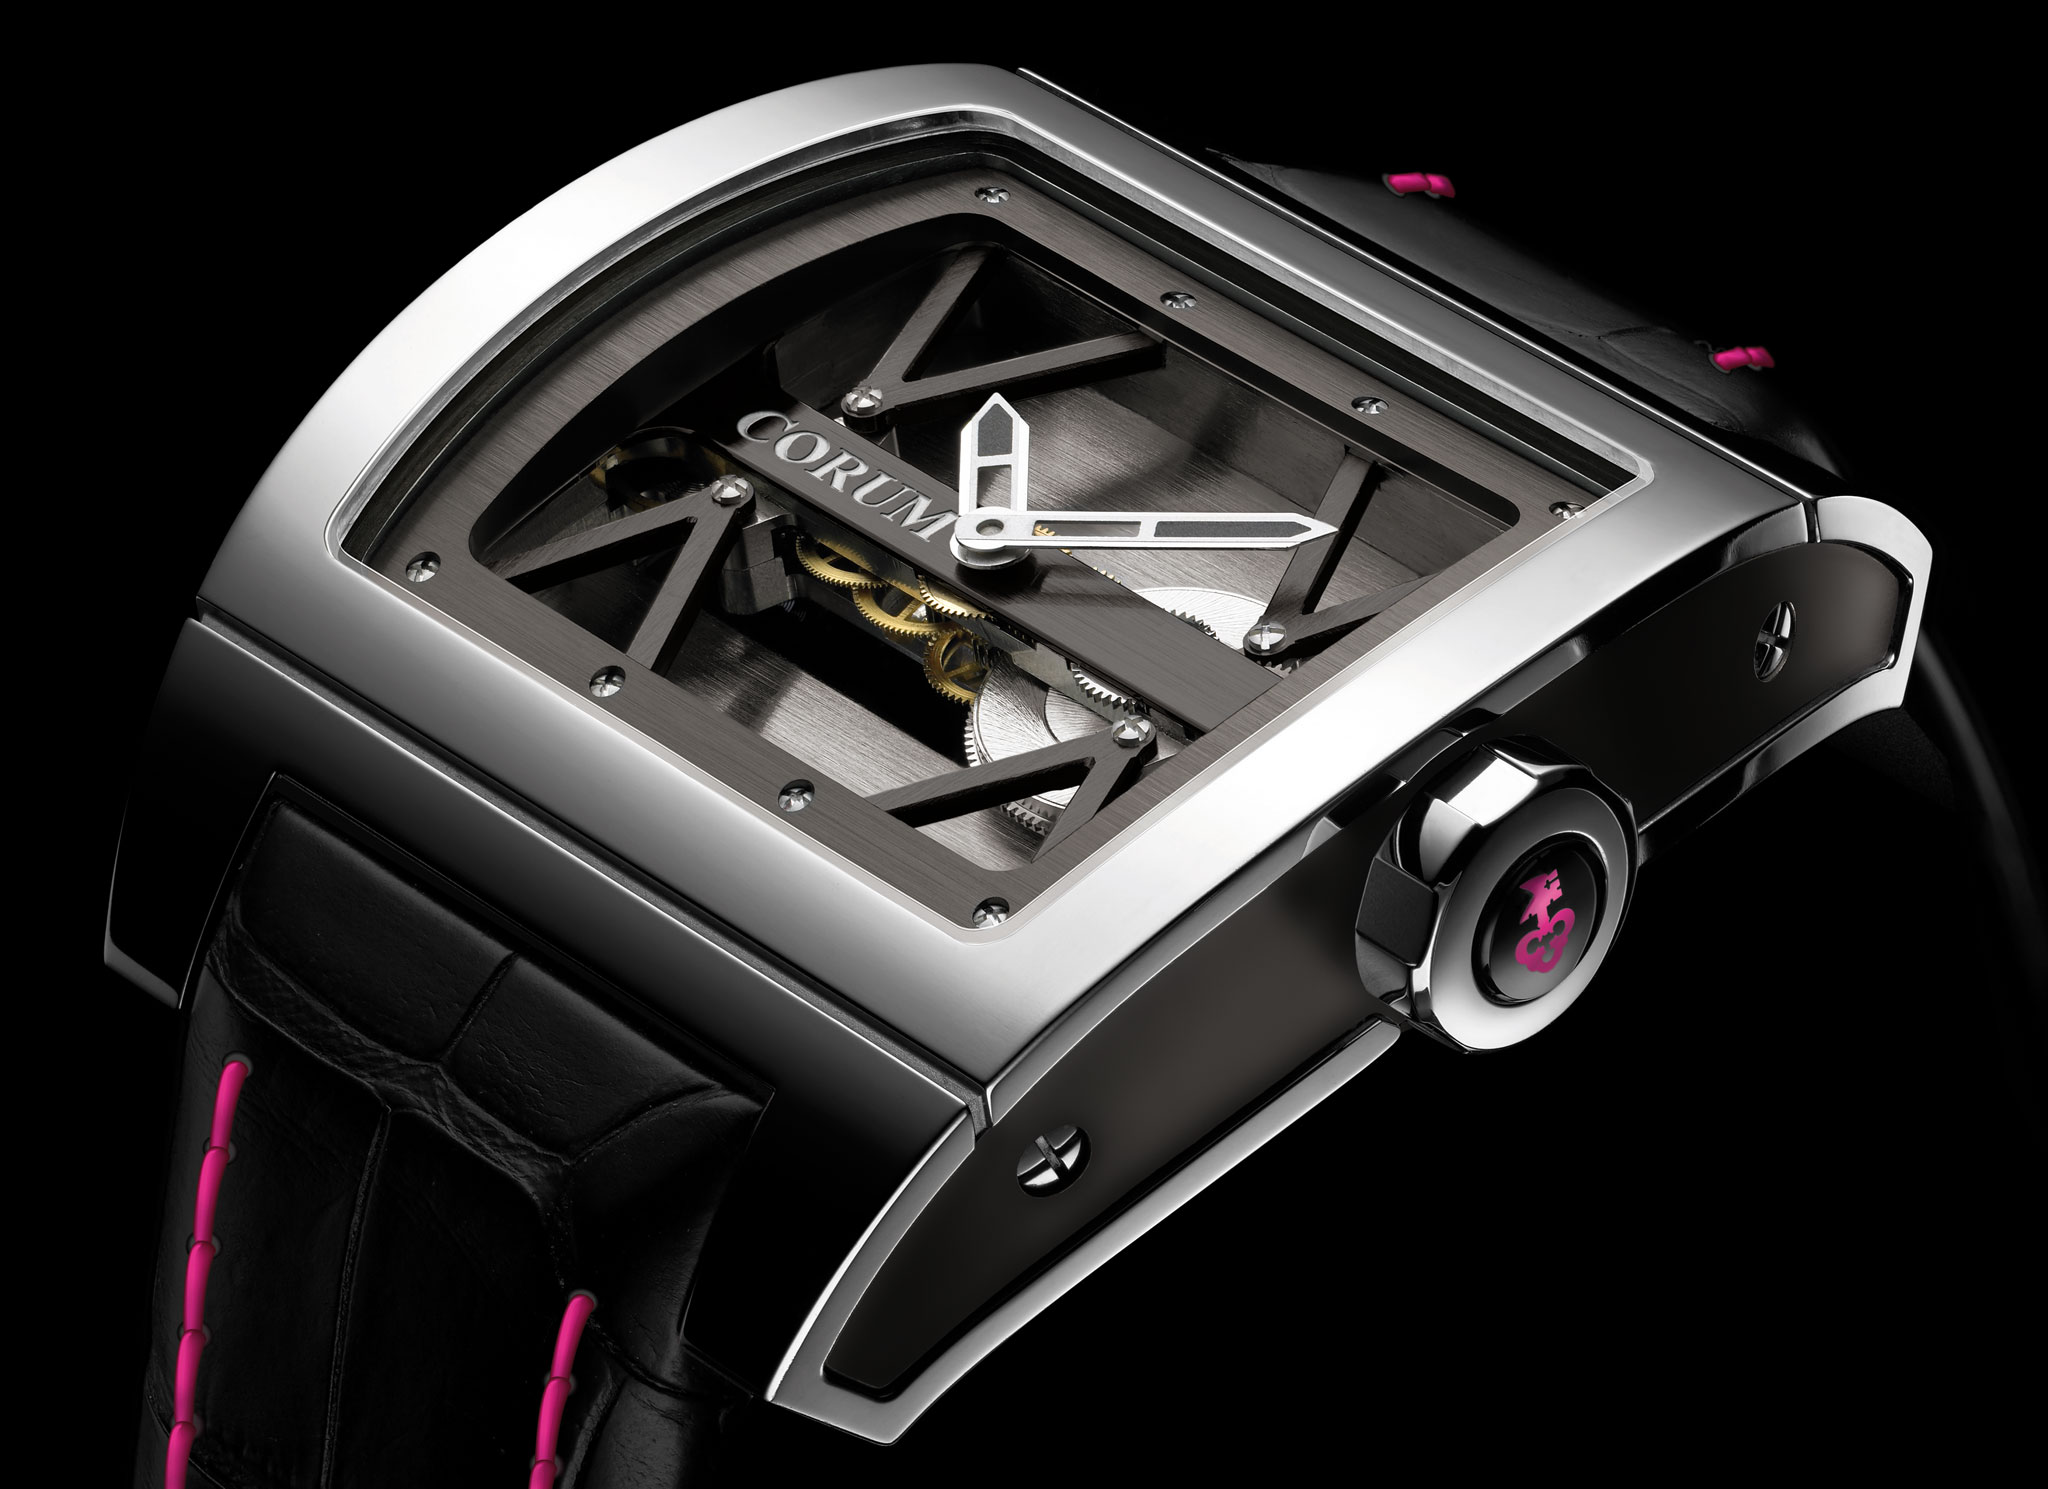 pinktrimwatch